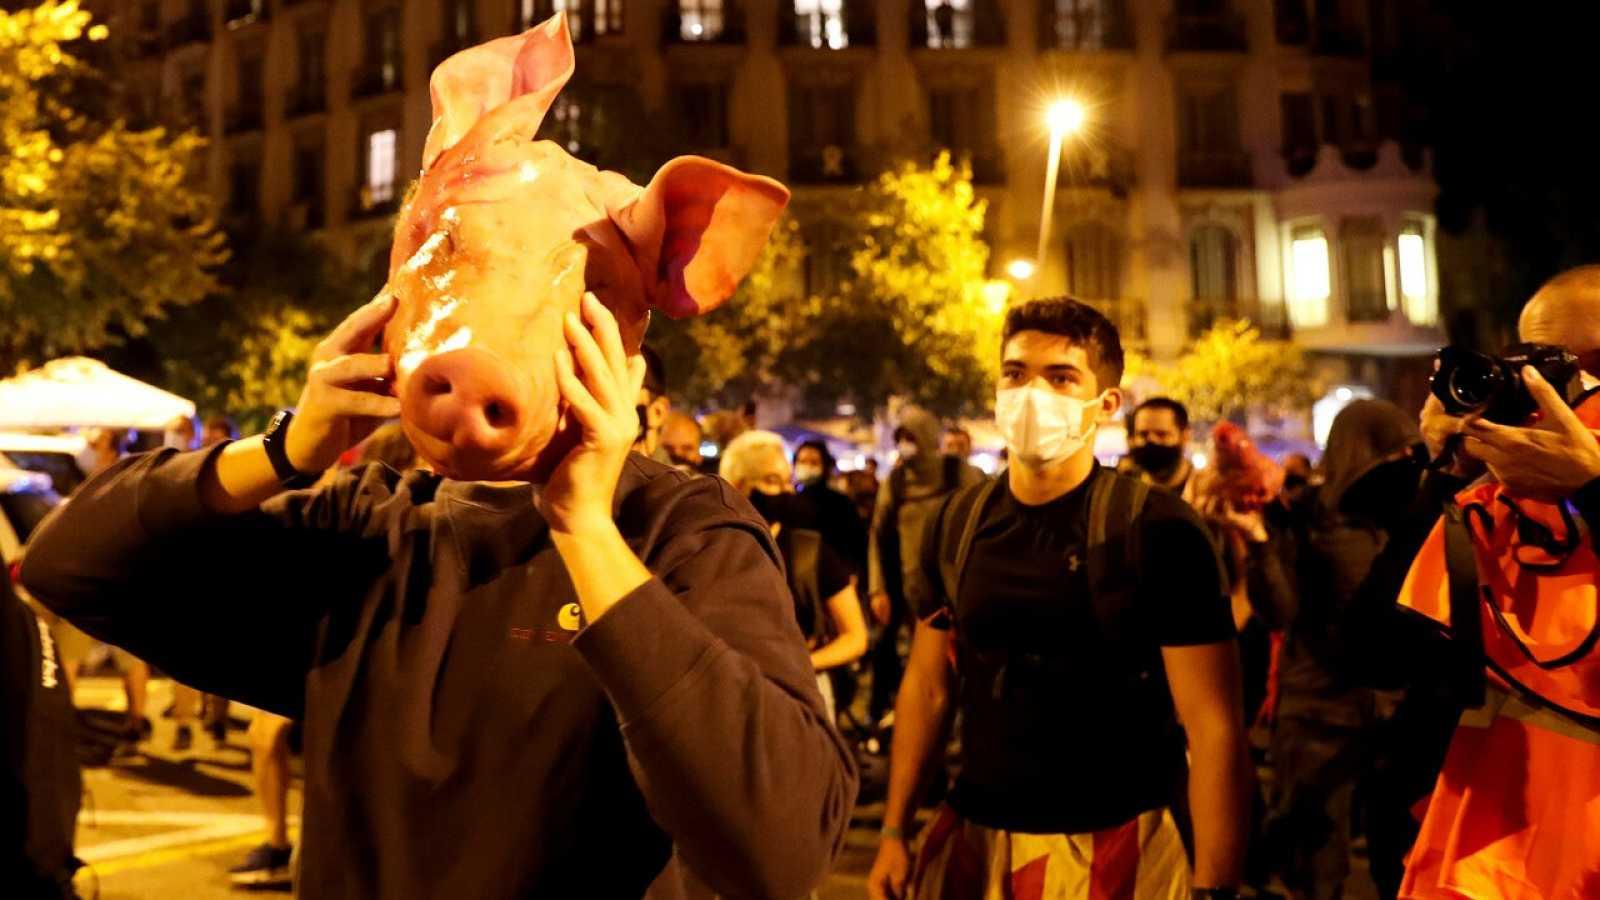 Los CDR y las entidades independentistas convocan manifestaciones en varios puntos de Cataluña